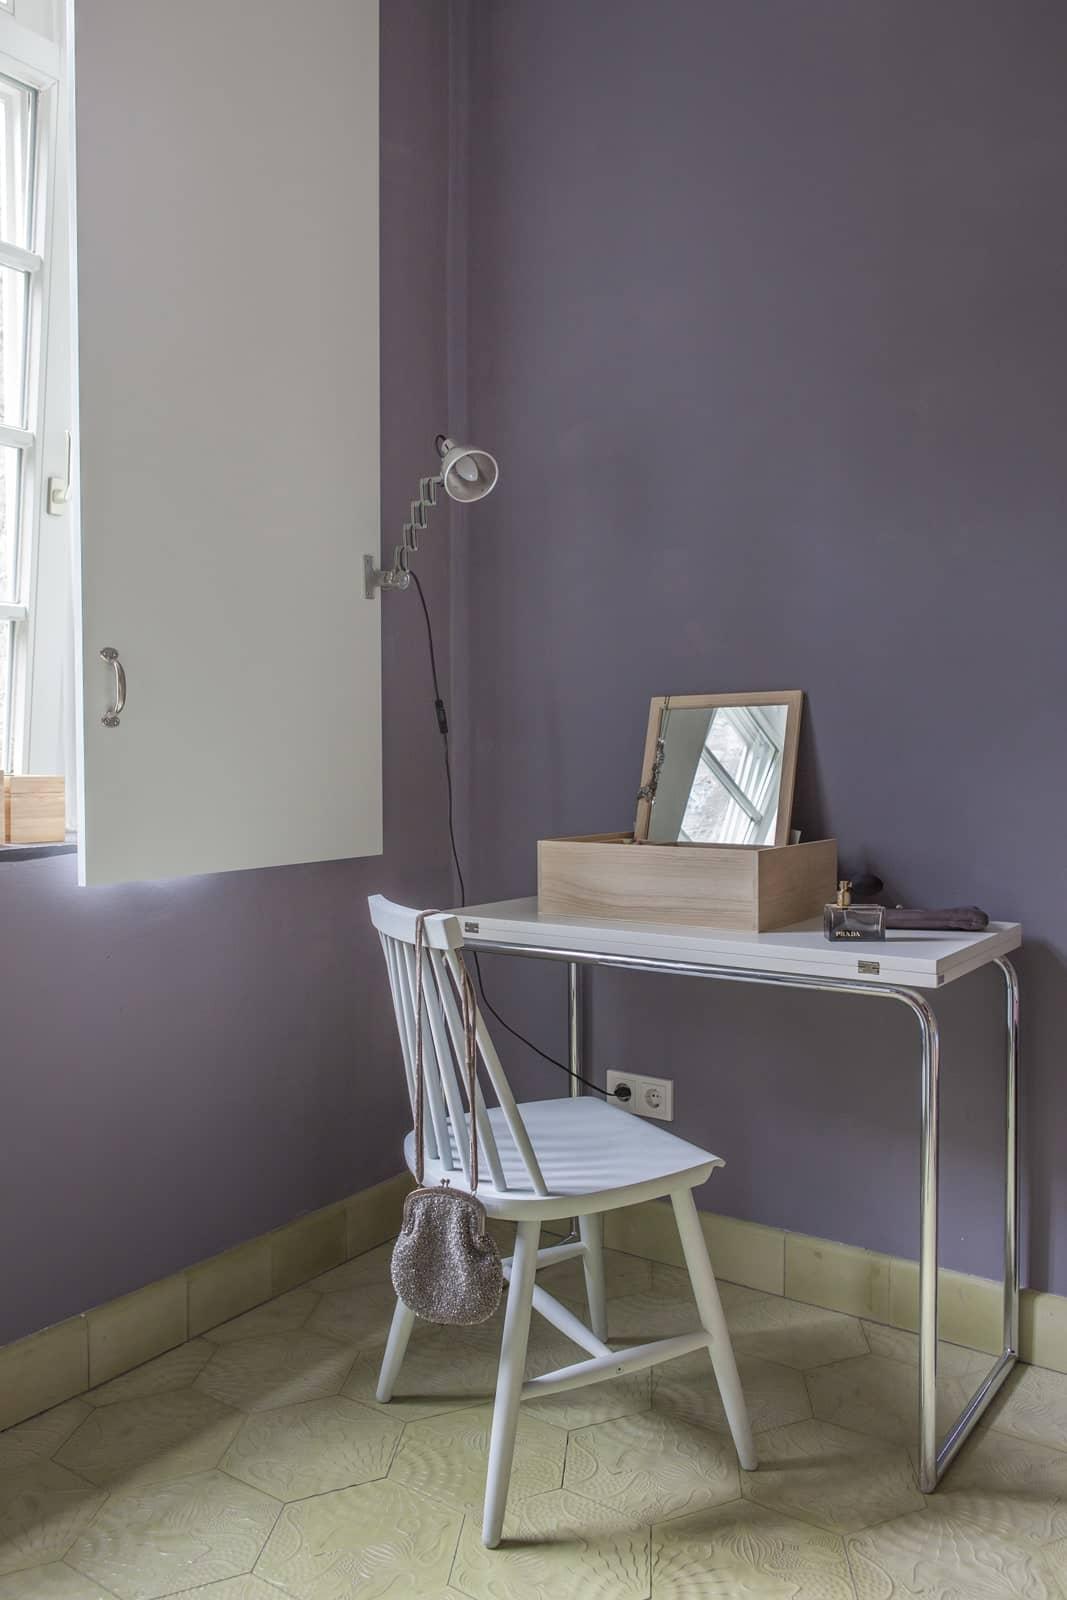 zementfliesen-terrazzofliesen-kreidefarbe-purpurgrau-terrazzo-fugenlos-viaplatten-schreibzimmer | Kreidefarbe Purpurgrau 60 ml